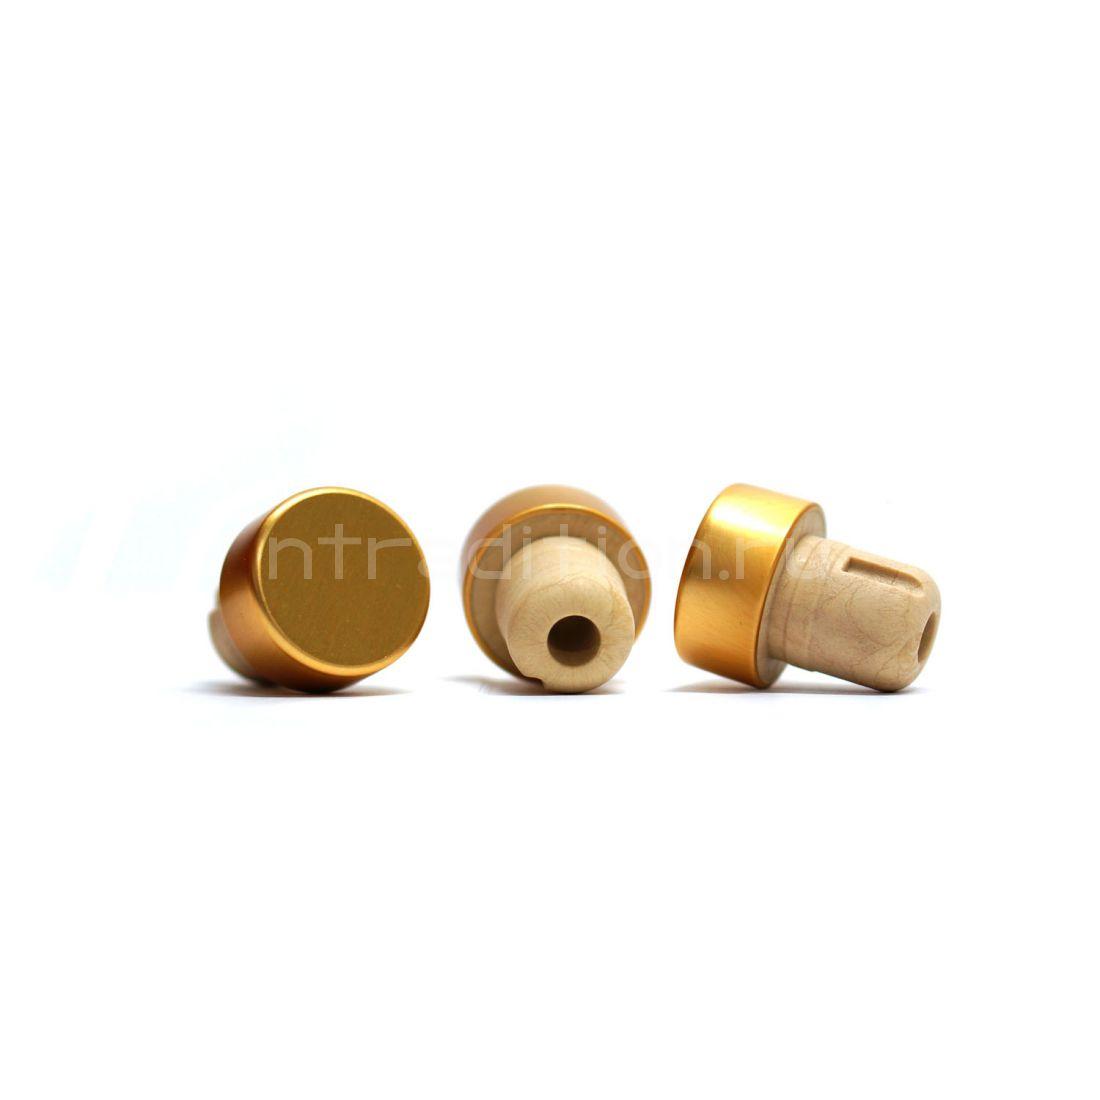 Пробка Камю алюминиевая, 19,5 мм, золото, 10 шт.